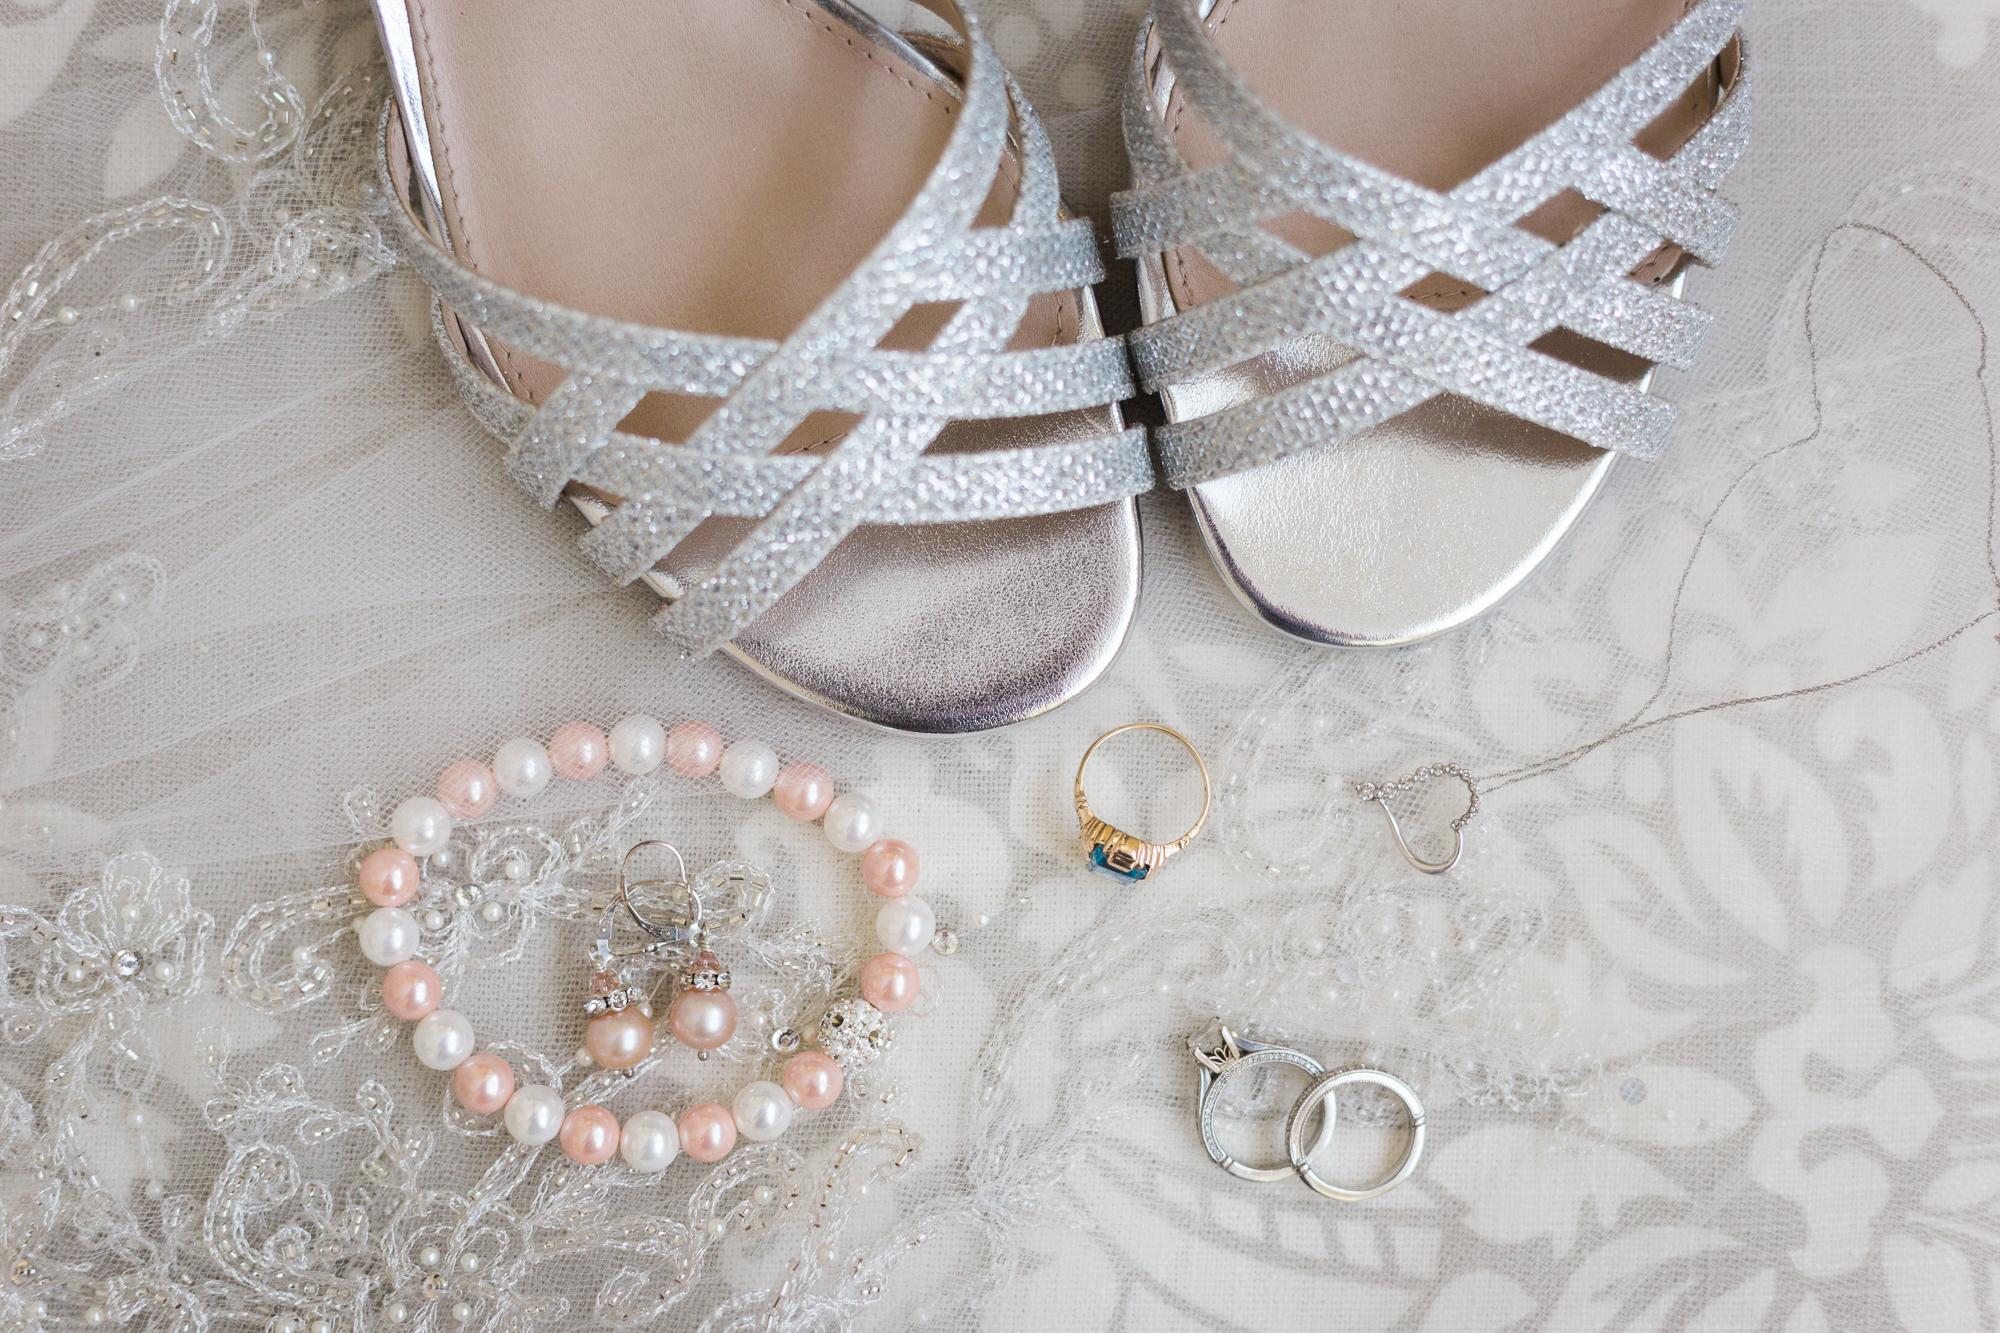 Deanna-Rachel-Photography-calgary-Wedding-photographer-jm-2.jpg